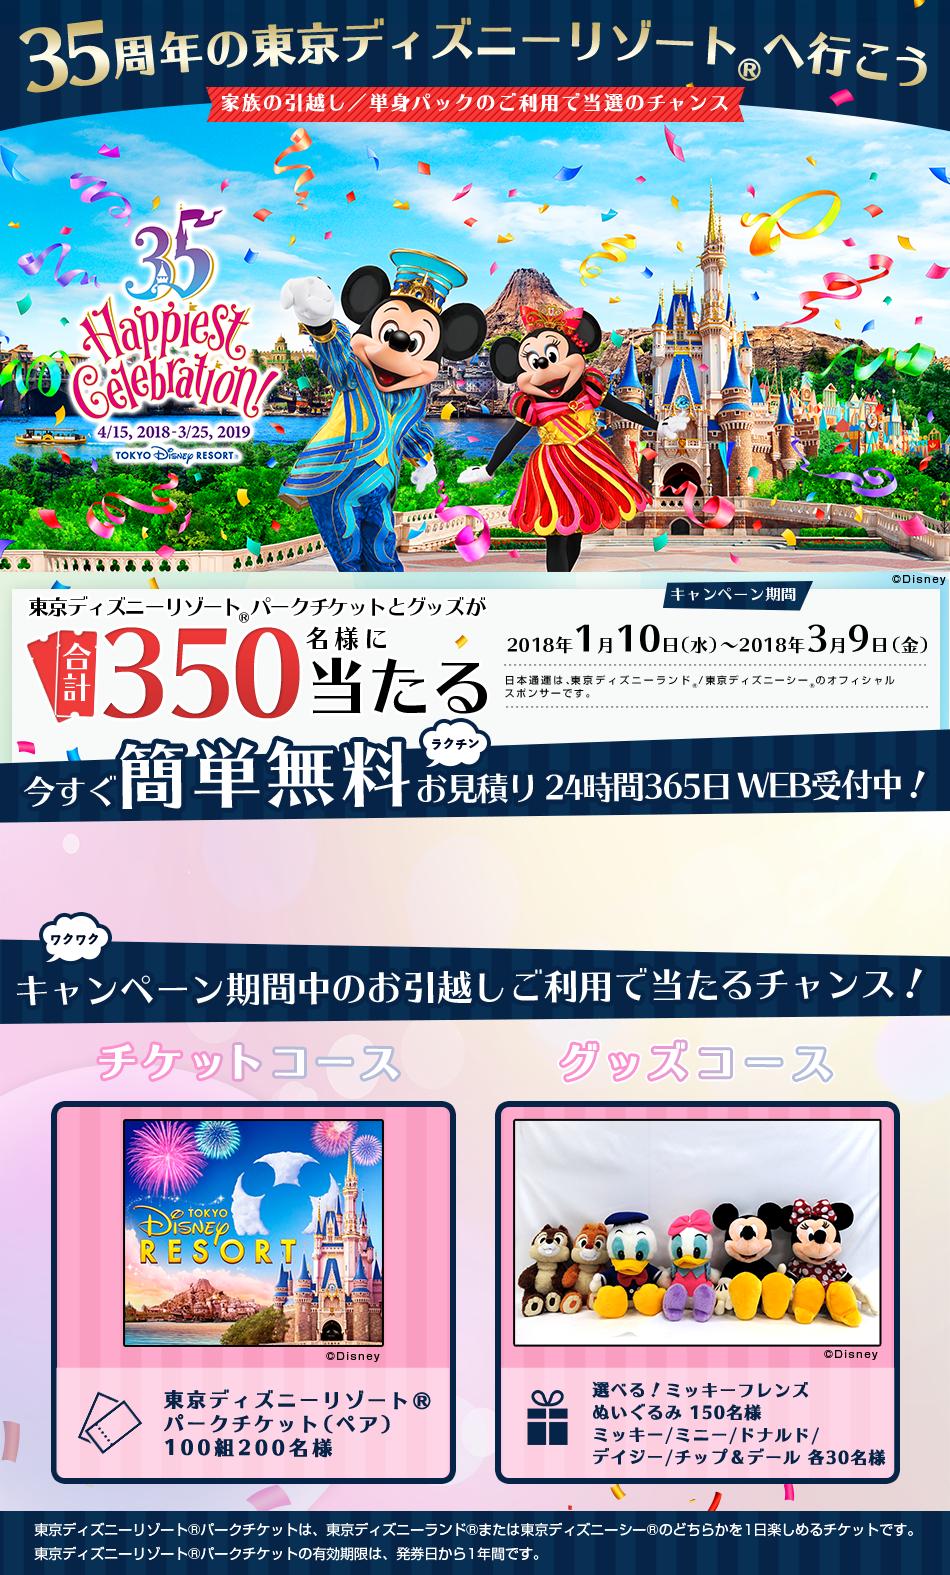 日通の引越しキャンペーン」~35周年の東京ディズニーランドへ行こう